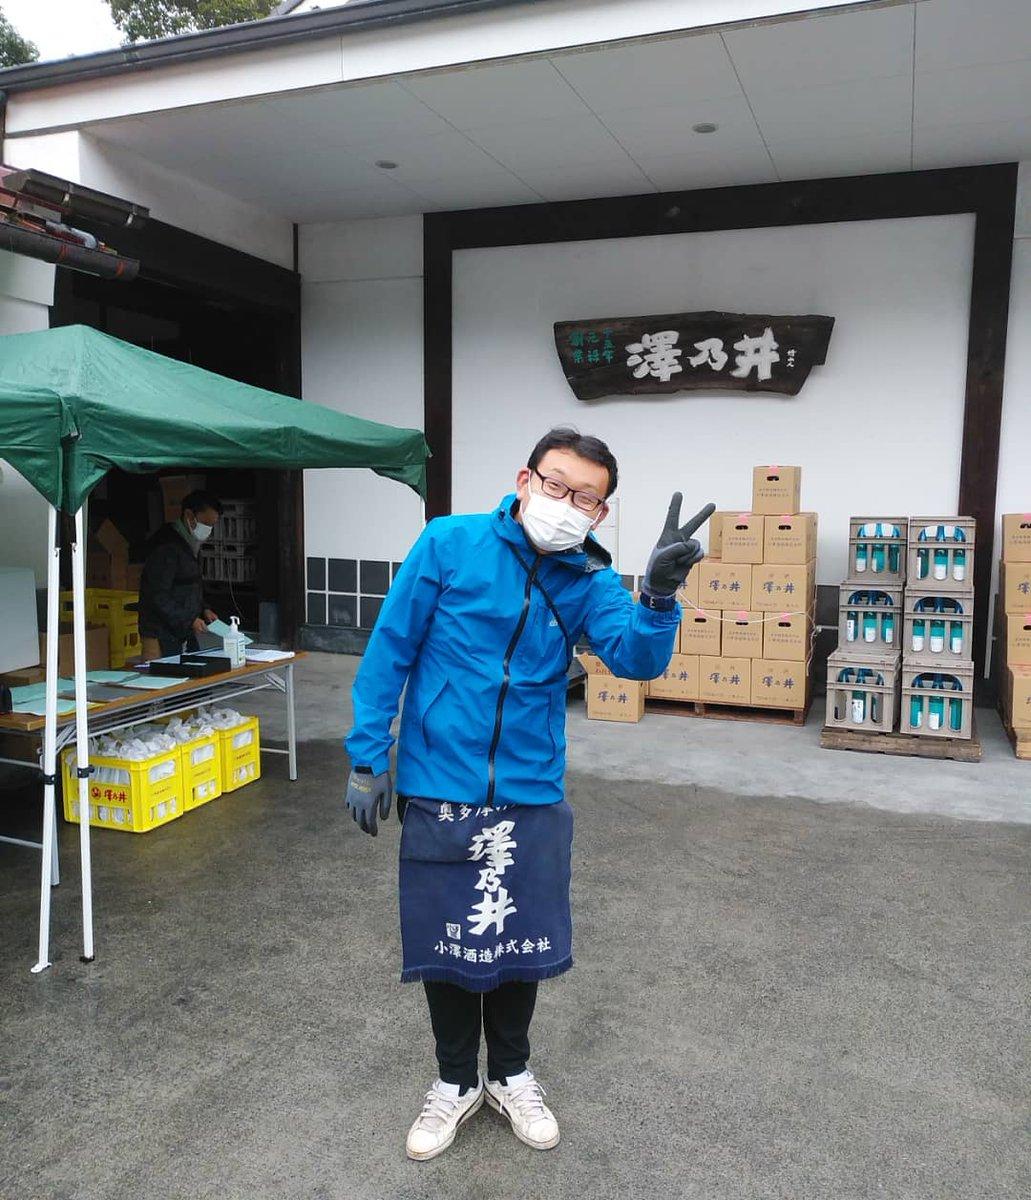 test ツイッターメディア - 小澤酒造さんに今年の新酒第一弾「一番汲み」を車🚙で取りにきました。🆕 店頭には11:30頃に並びます! ところで、2枚目に写っている蔵人さん。彼が担当になって以来4年連続の雨。蔵見学などで会う機会がありましたら是非「雨男」って呼んであげて下さい。 #澤乃井の雨男 https://t.co/bZwAH2wtCS